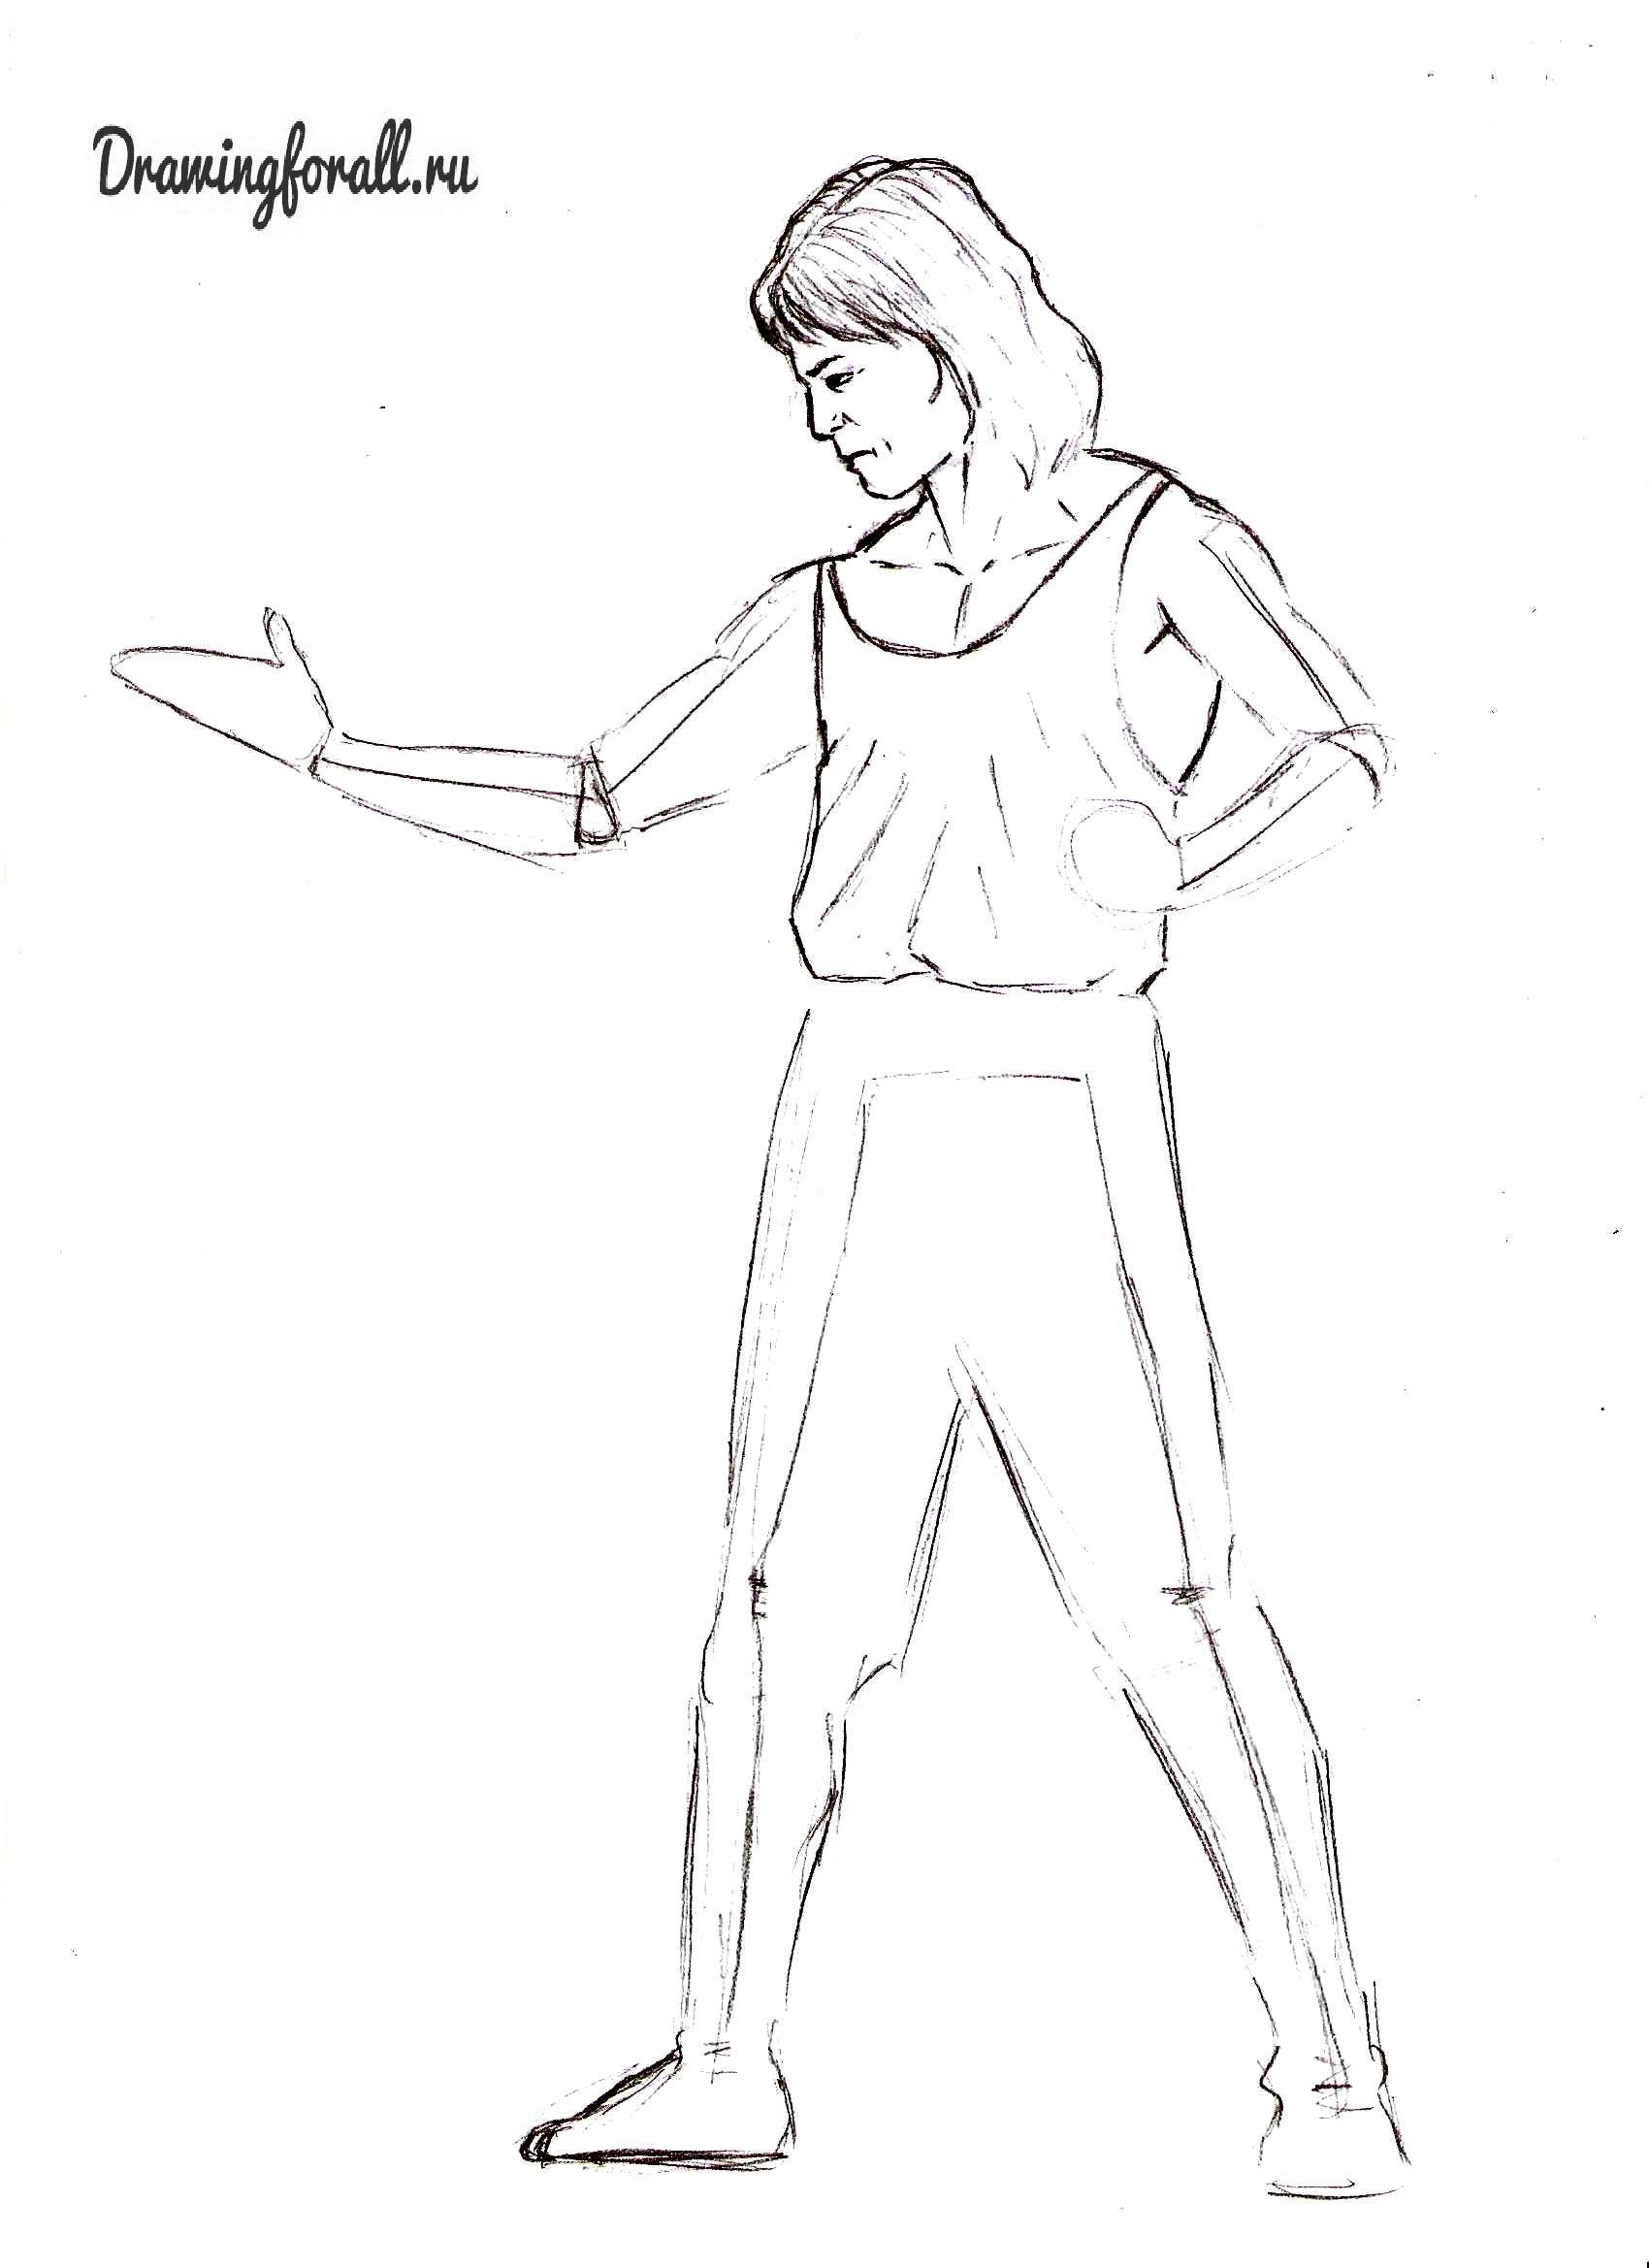 Как нарисовать Лю-Канга карандашом поэтапно